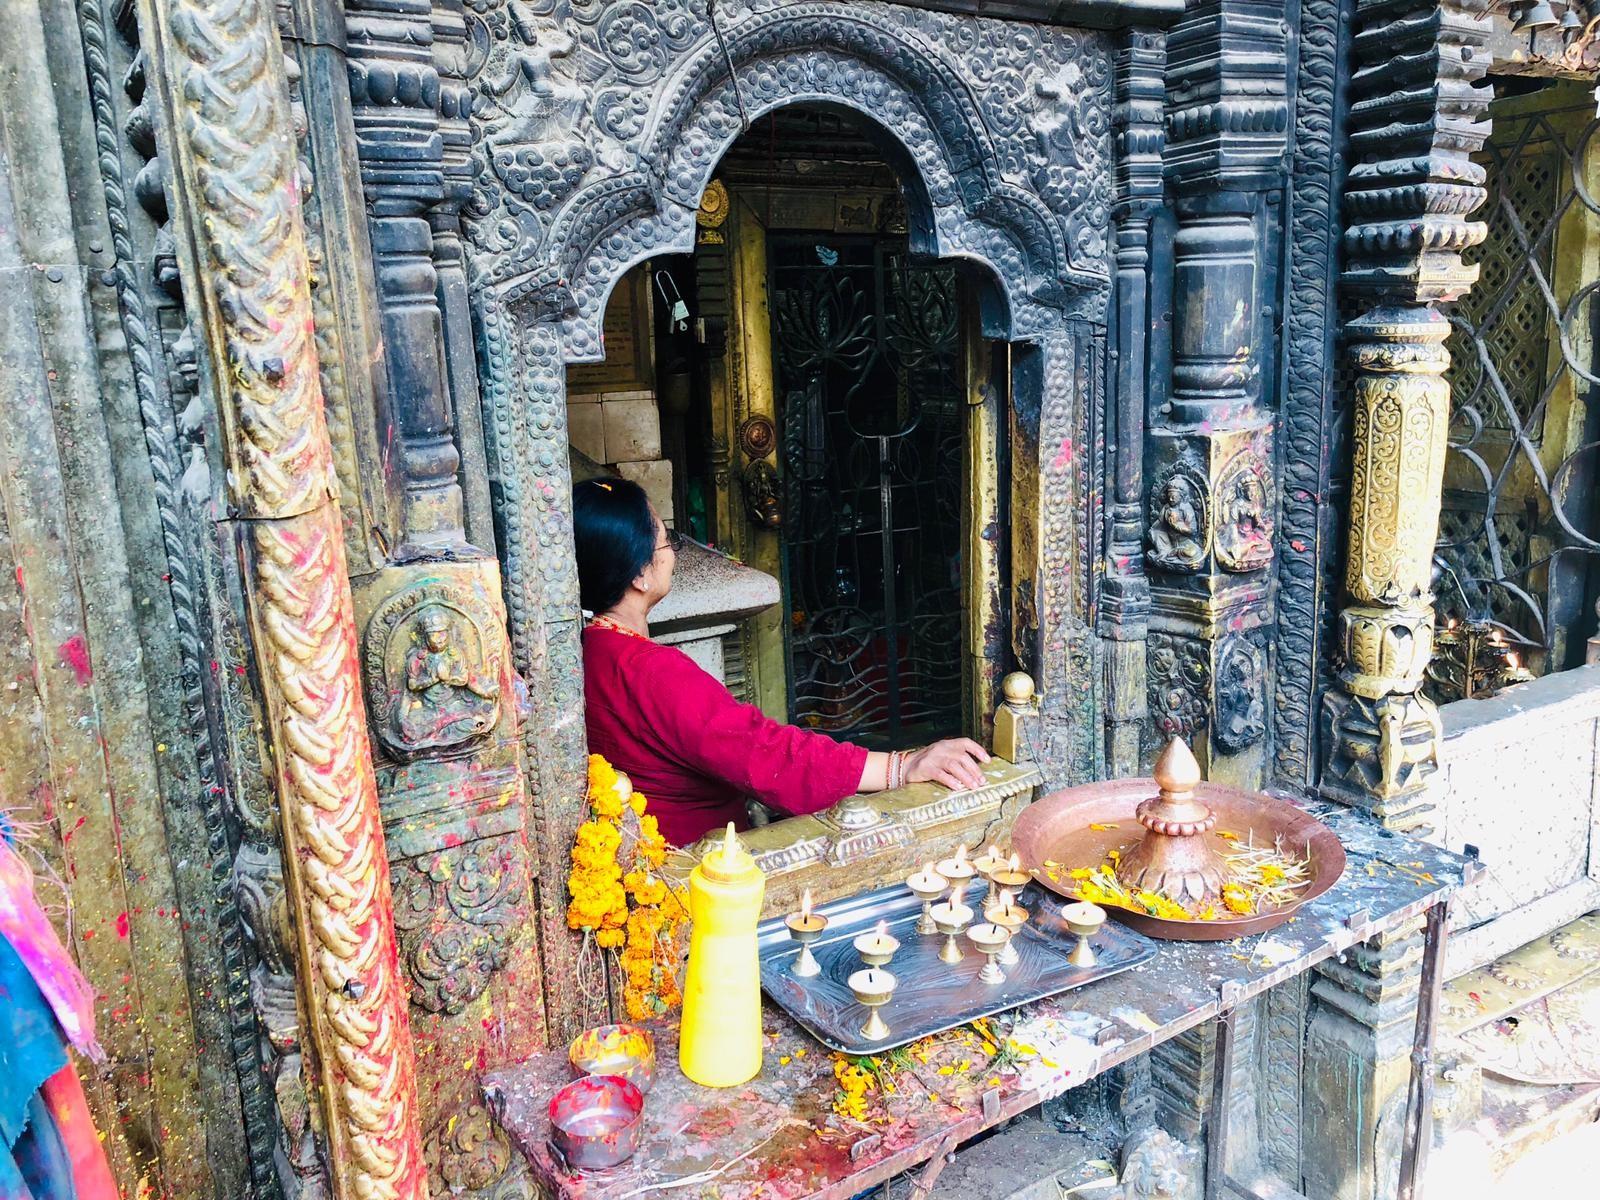 viaggio-in-nepal-f1eea6f6946b280f0f9f3e5